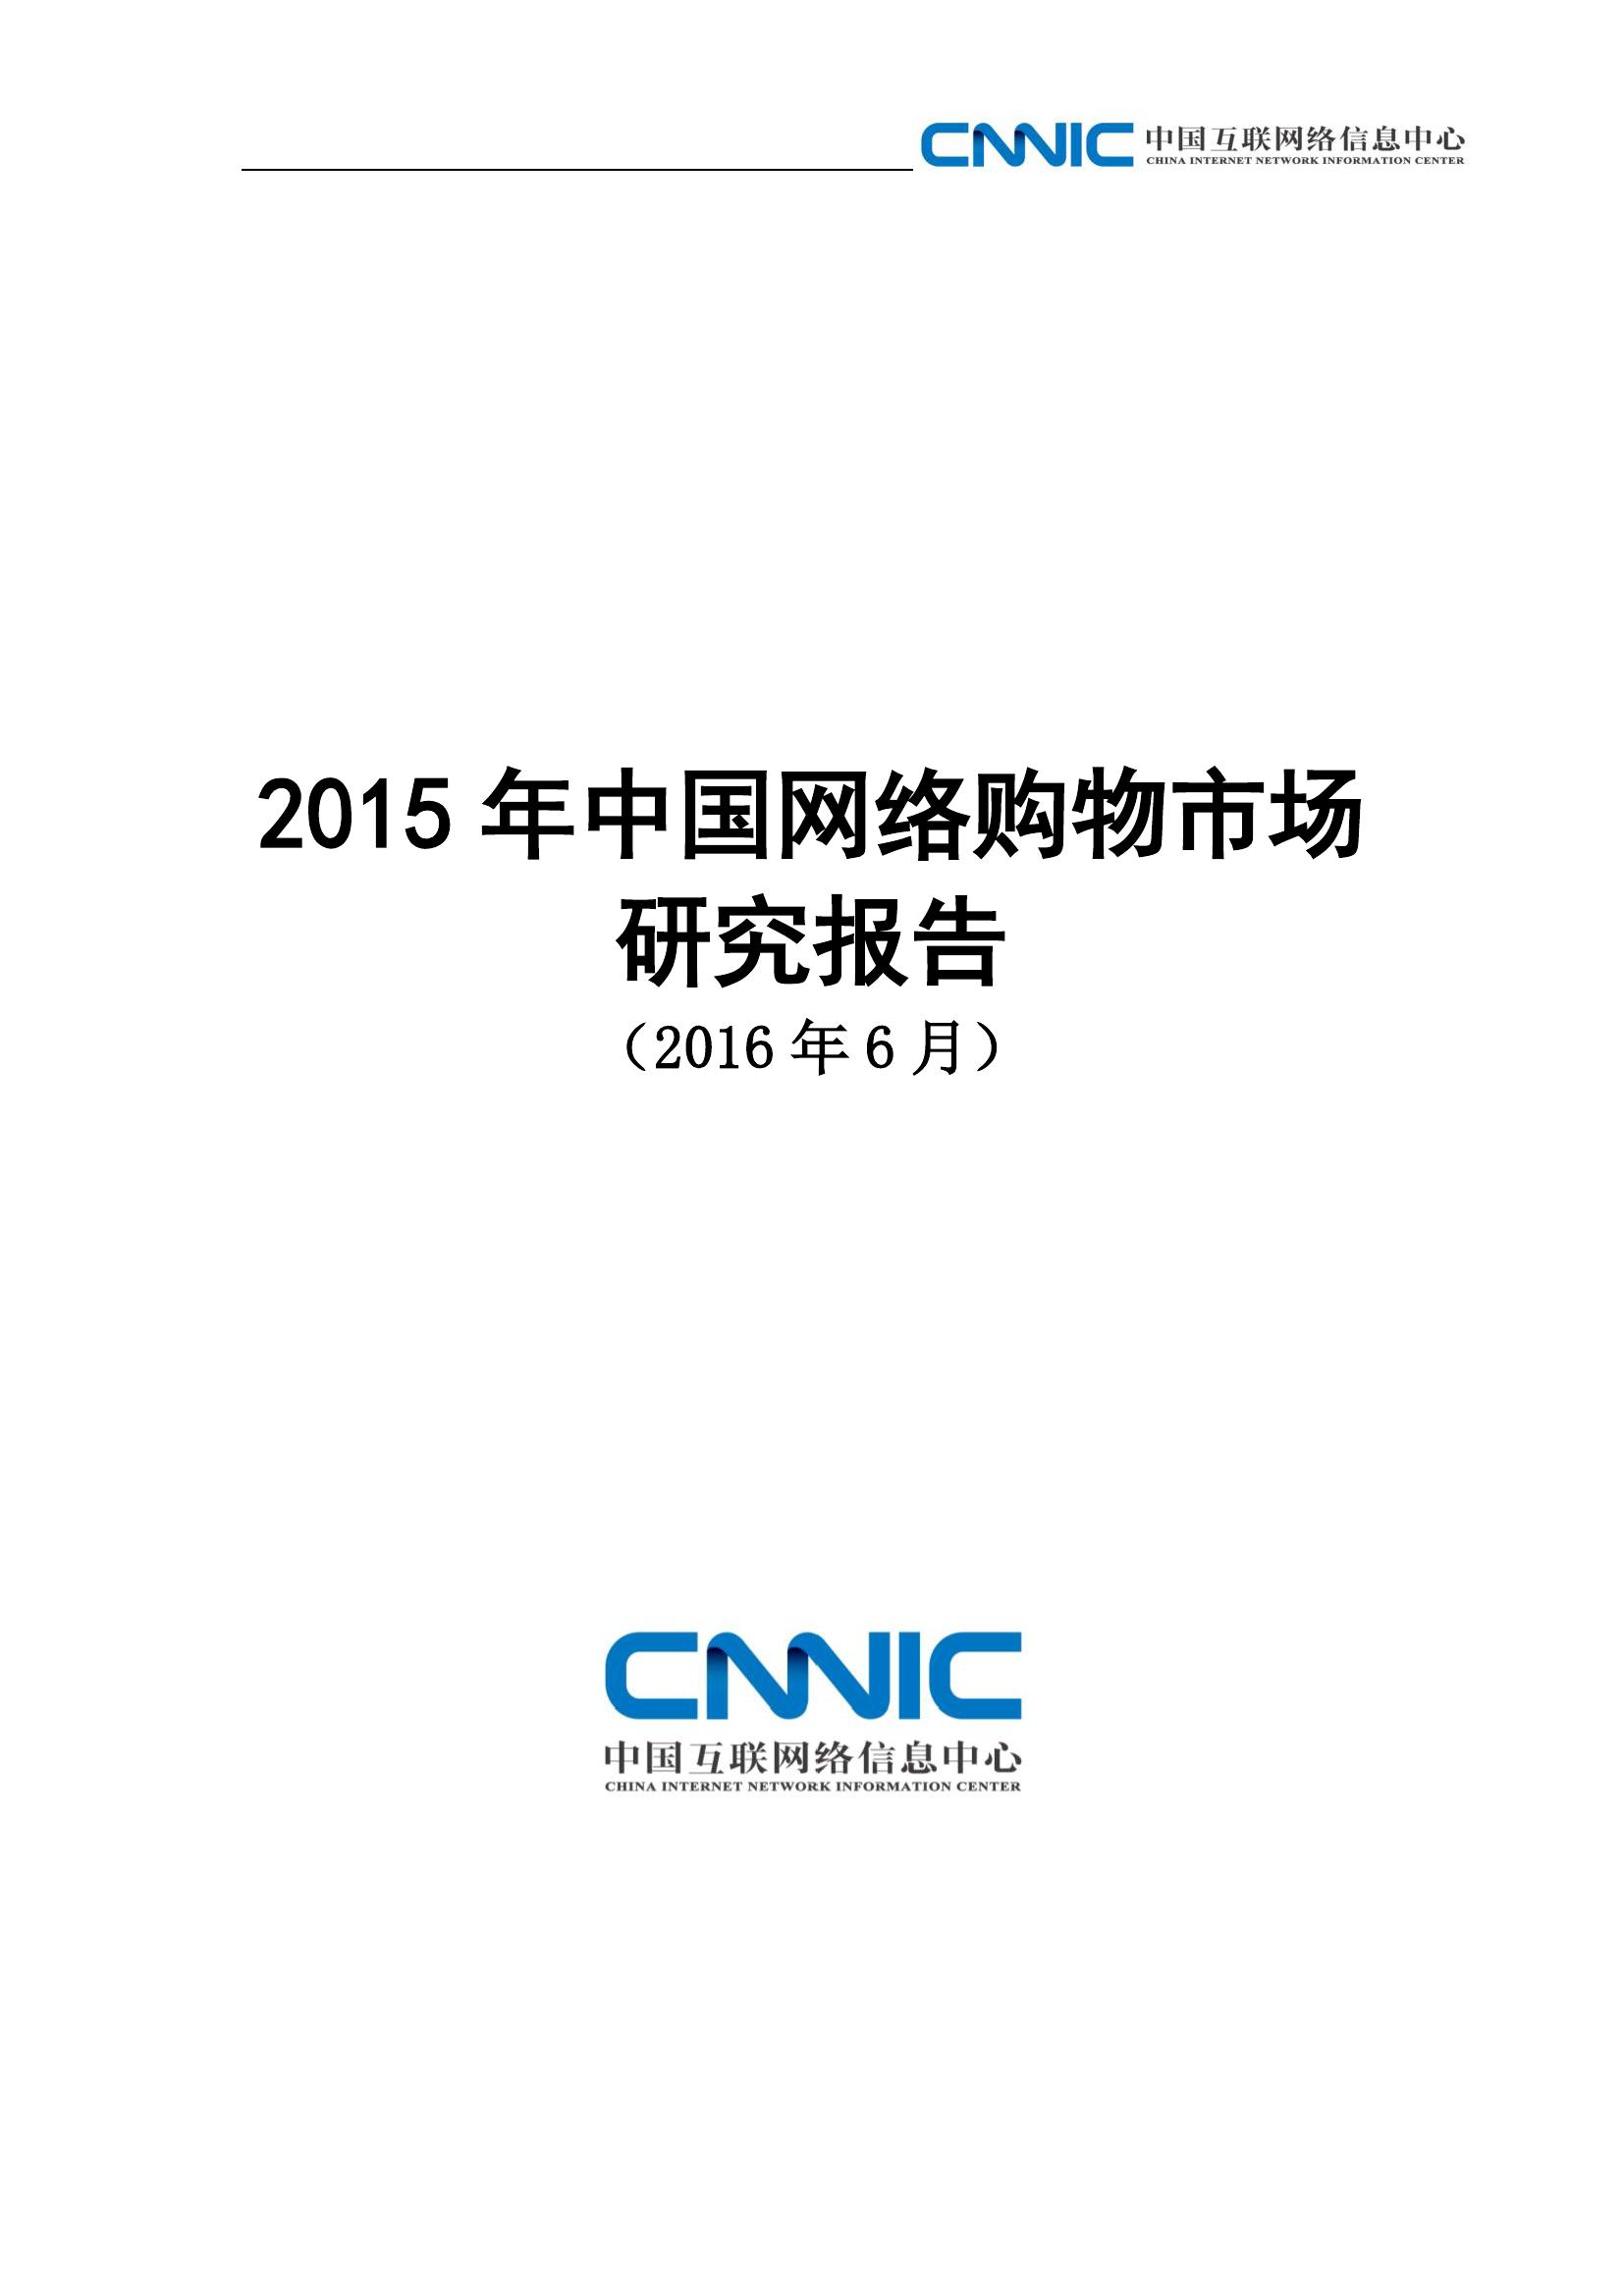 2015年中国网络购物市场研究报告_000001